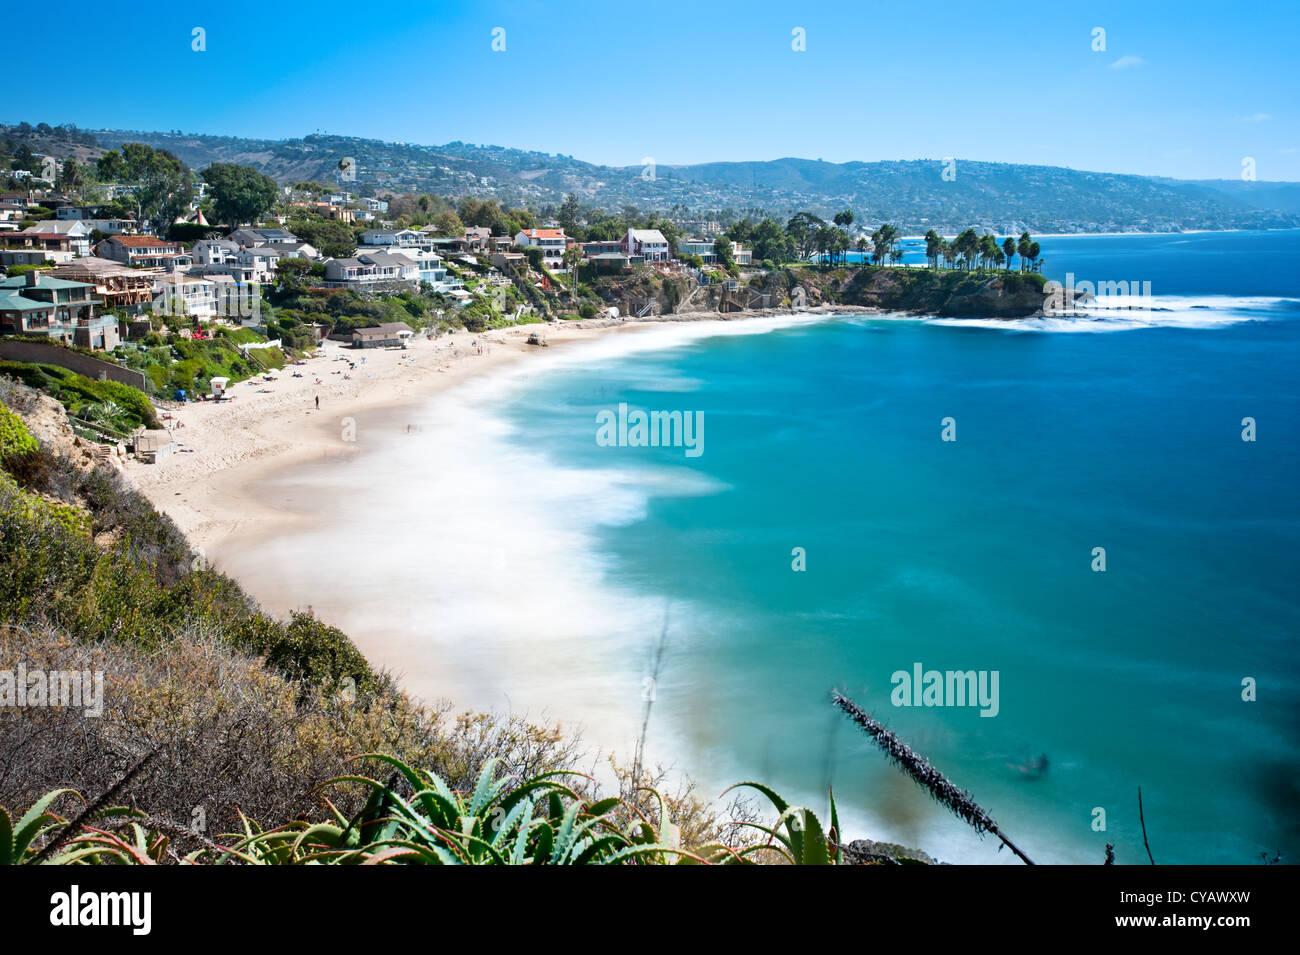 Ein Bild von einer schönen Bucht namens Crescent Bay in Laguna Beach, Kalifornien. Stockbild